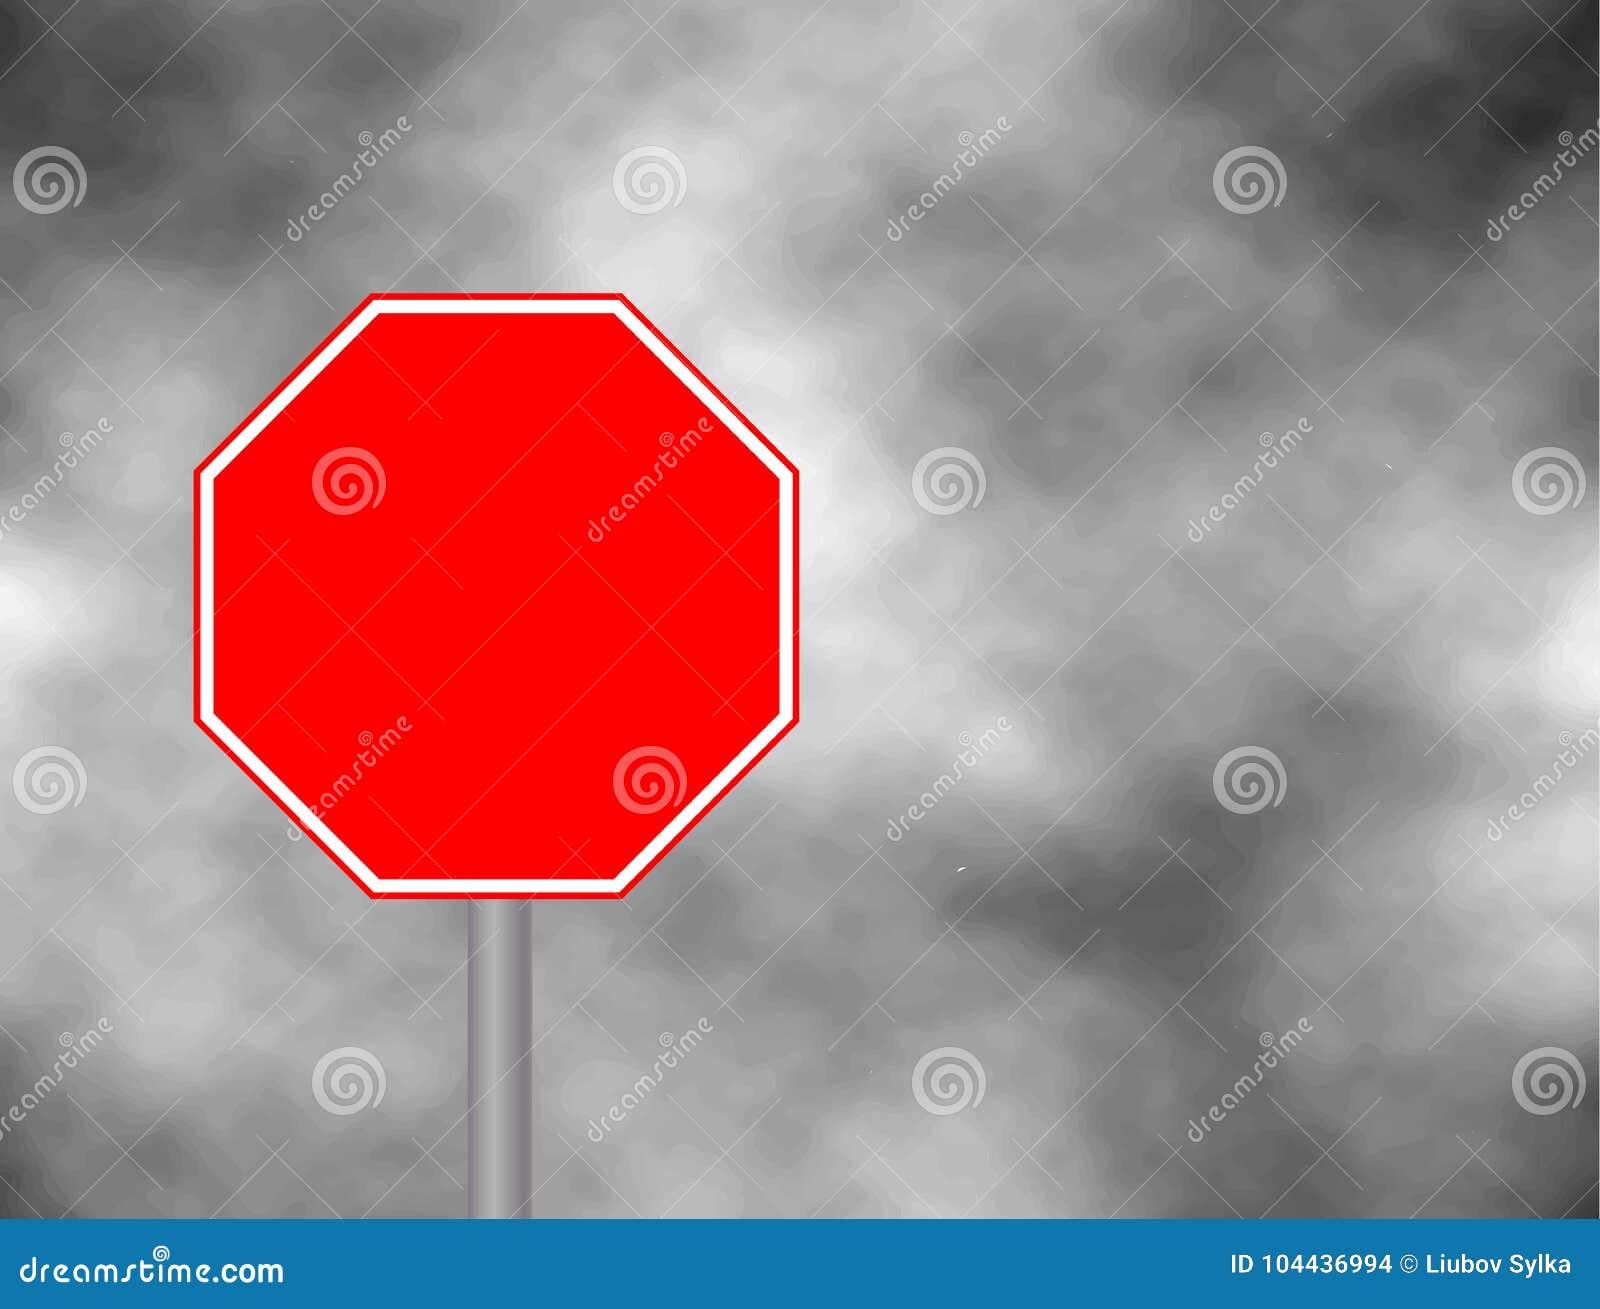 Fotografie eines leeren roten Verkehrsstoppschildes mit dem rechteckigen Weiß eingefaßt Textbuchstaben sind entfernt worden Stopp